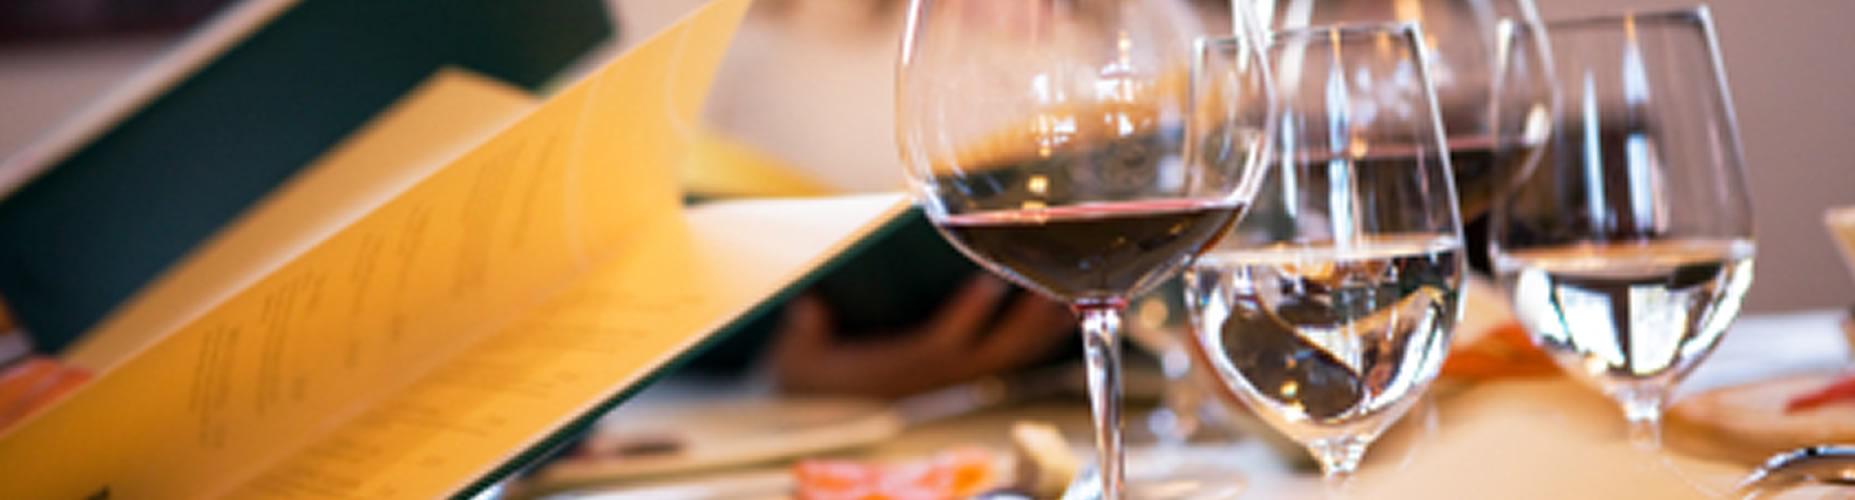 wine_so